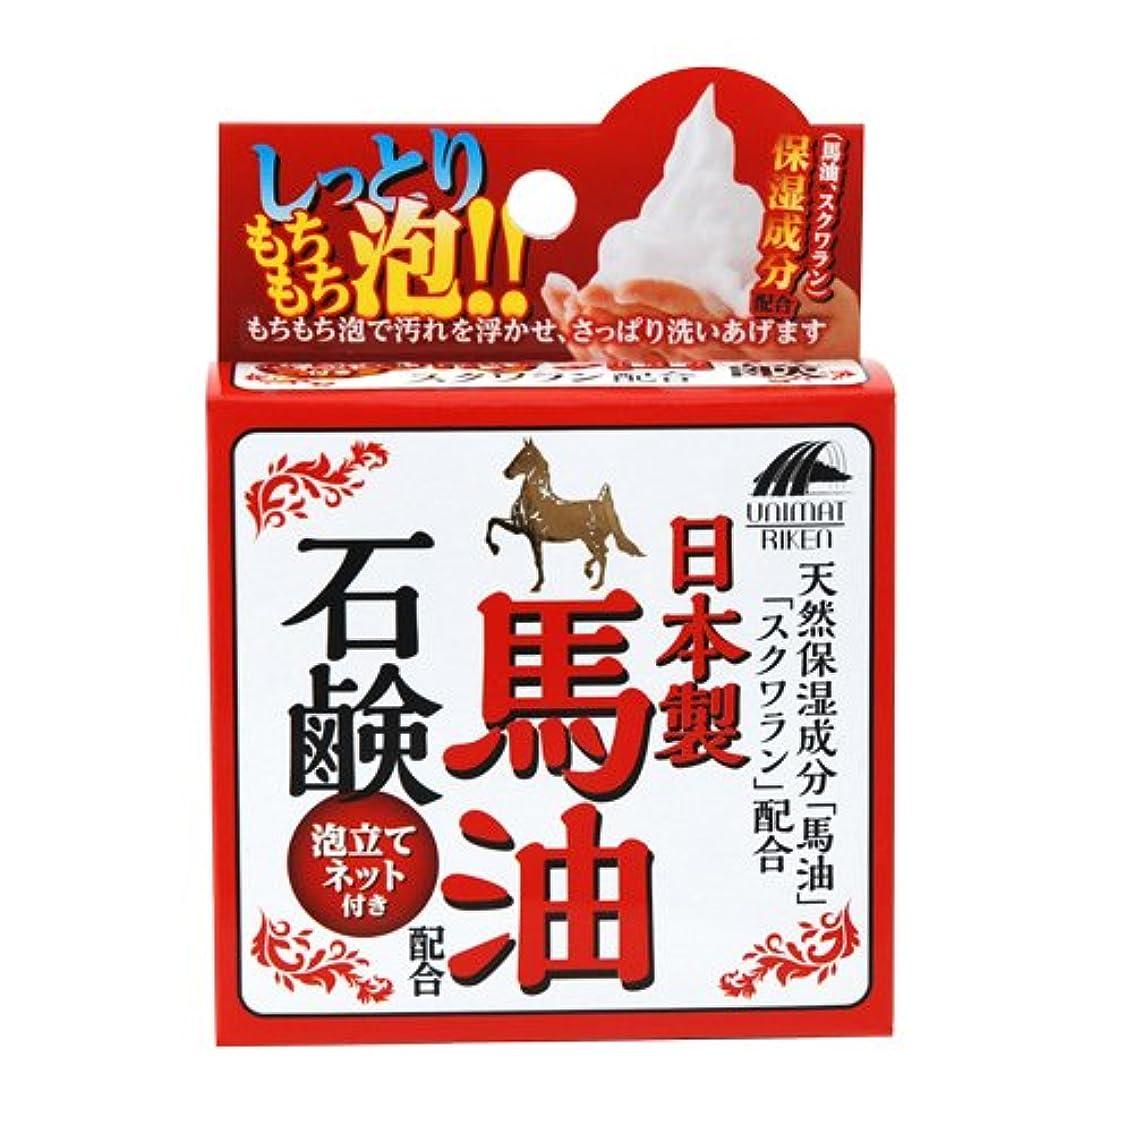 ブラウズチューブ階段ユニマットリケン馬油石鹸100g(10個購入価額)